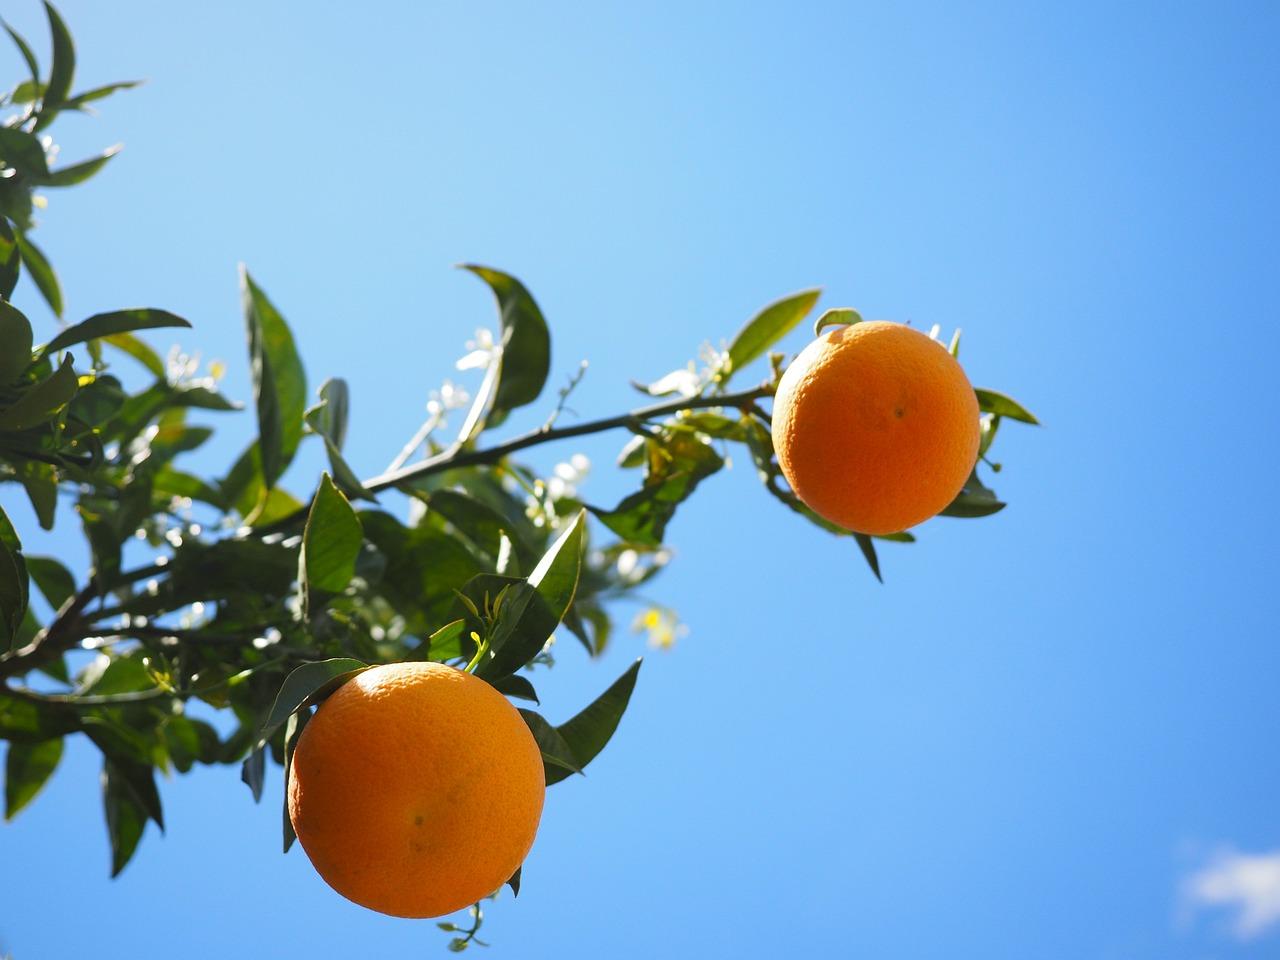 Приснилось что словала с дерева огромный апельсин